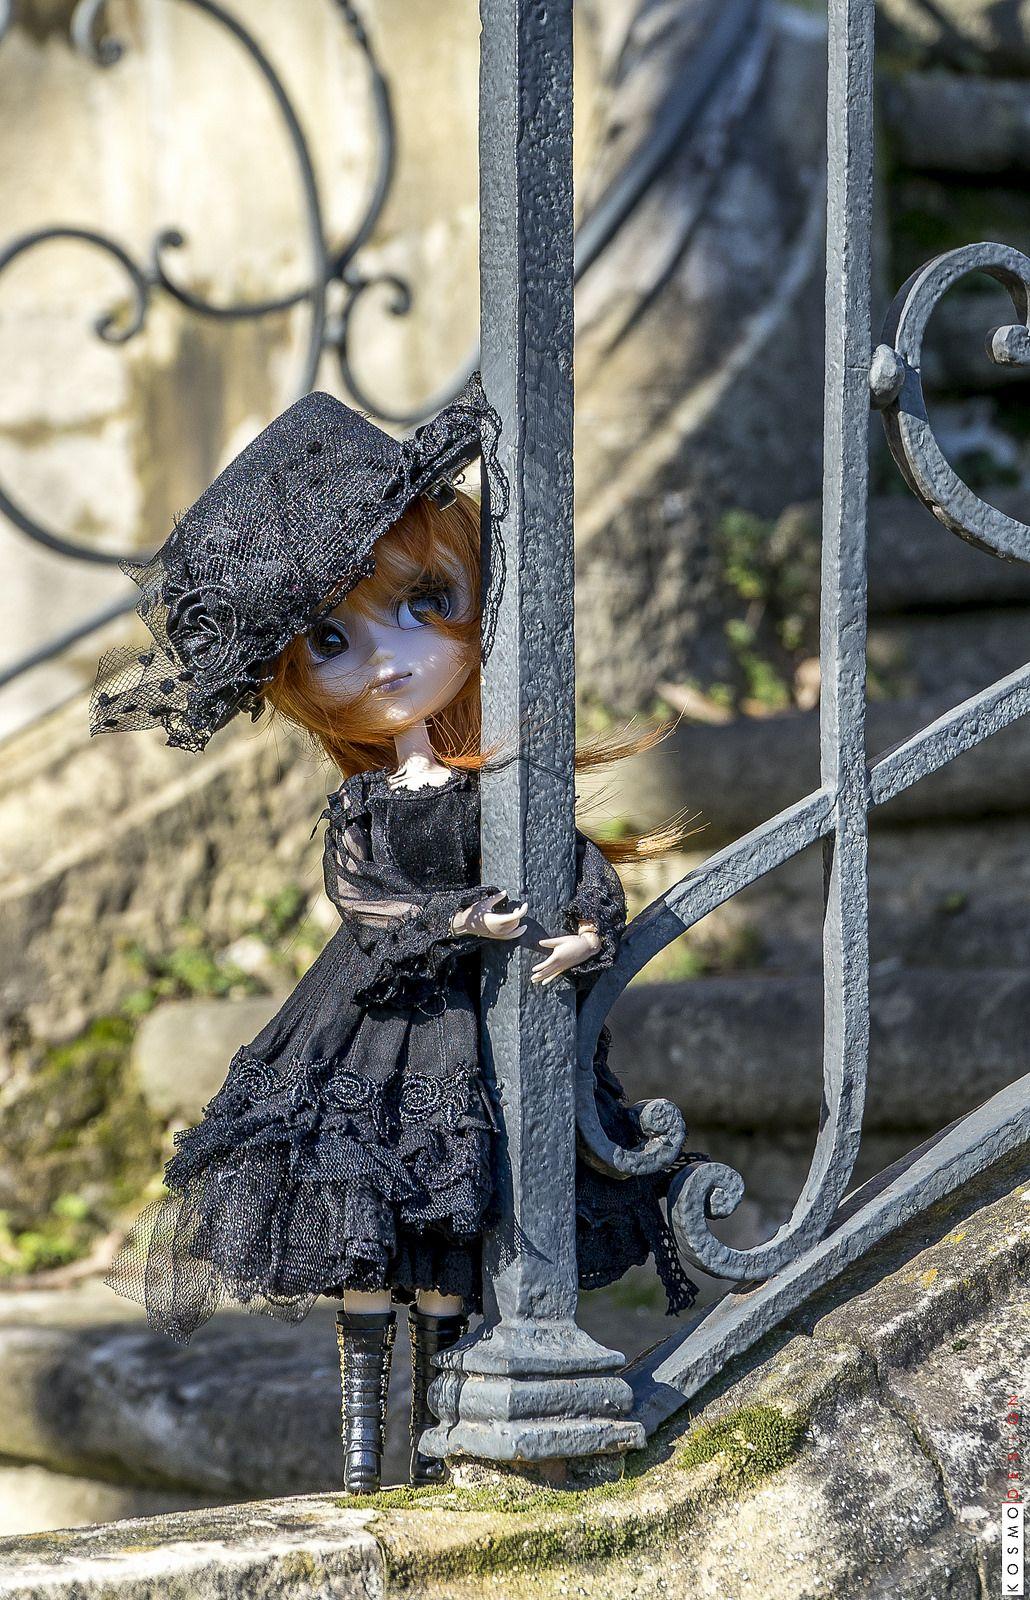 https://flic.kr/p/qH5pFk | Maritxu au Château d'Assas | Séance photo dans le jardin derrière le Château d'Assas au Vigan